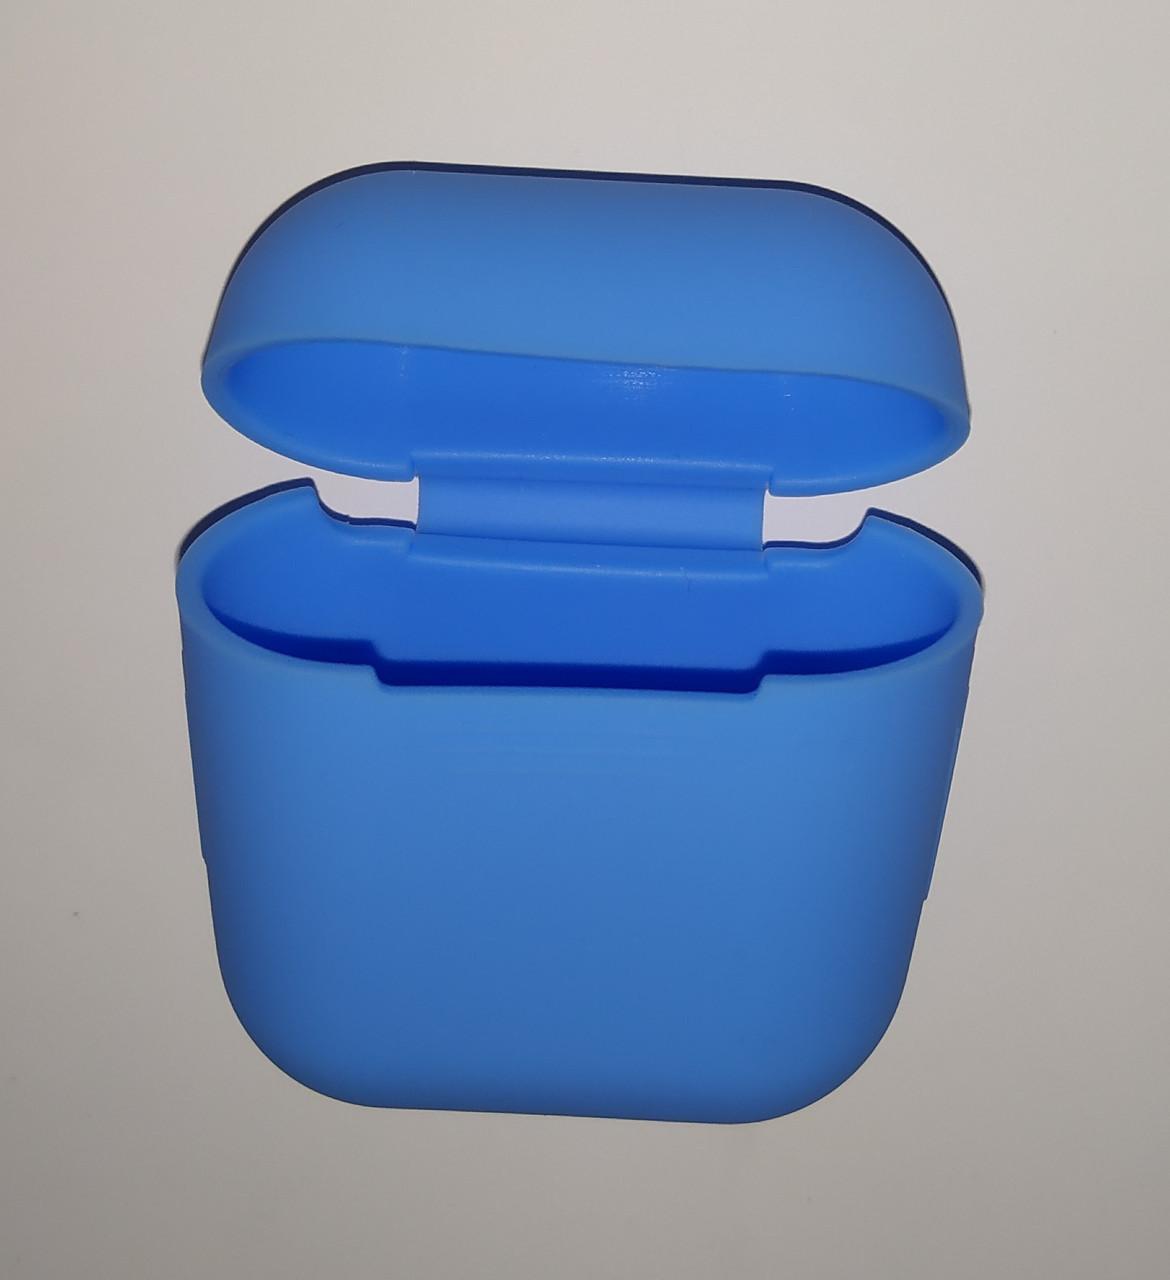 Чехол на AirPods синий, силиконовый